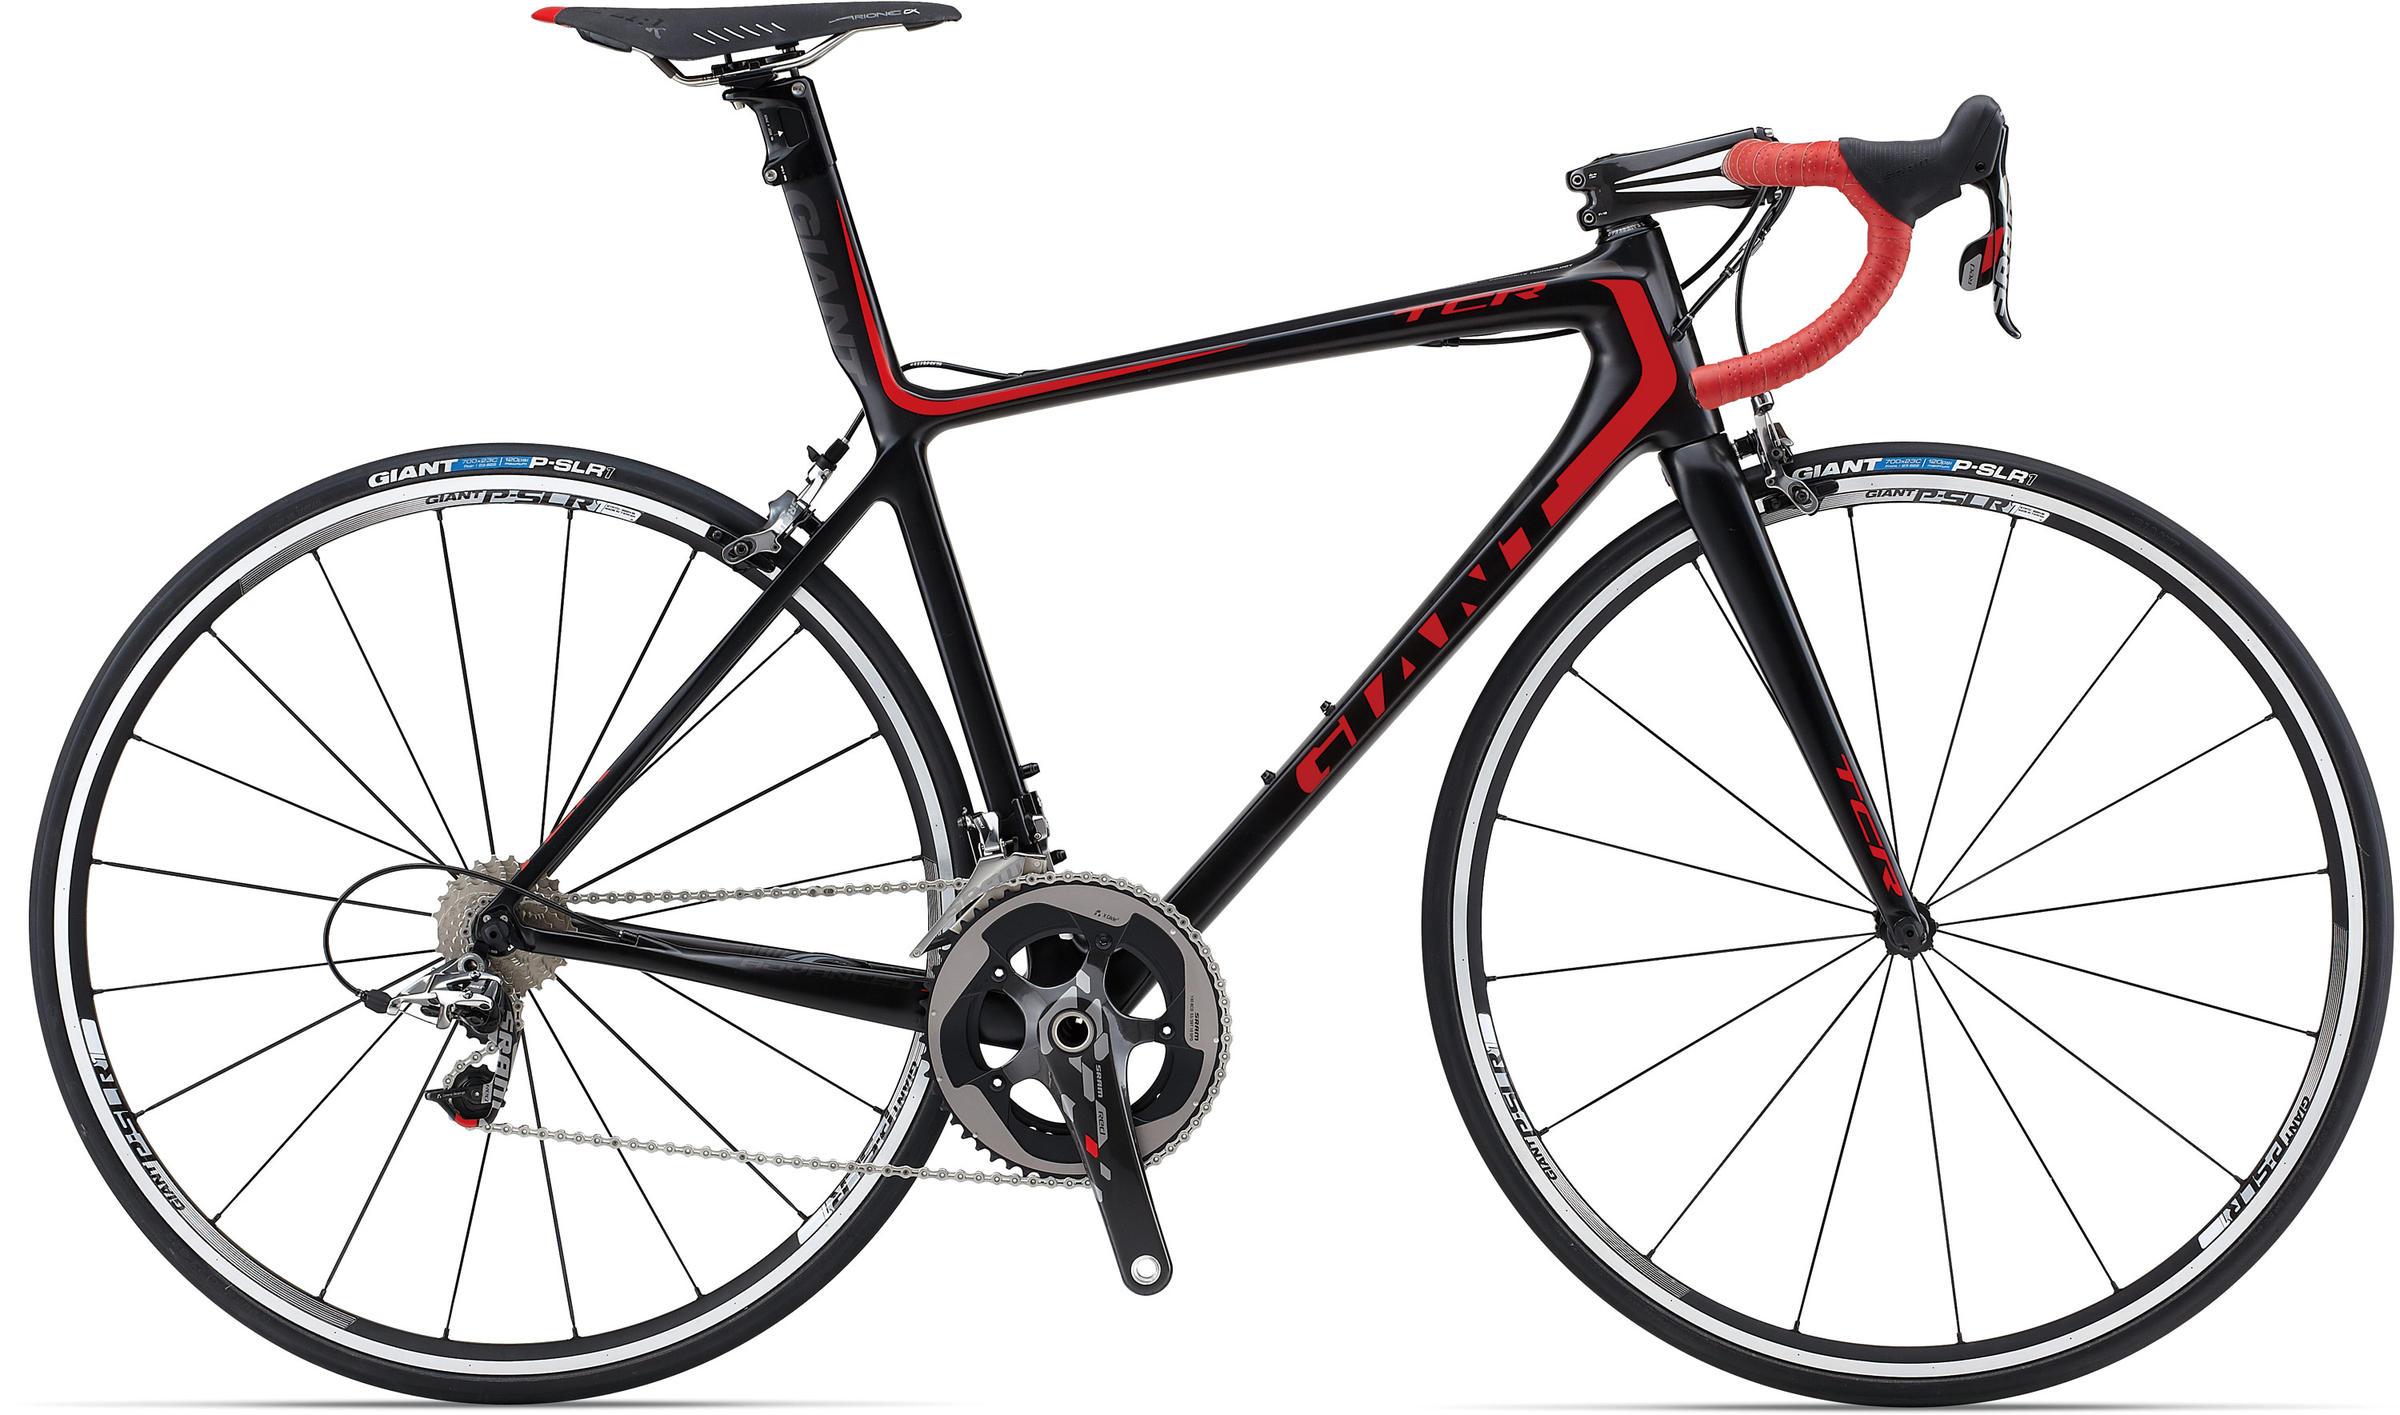 e6da0012601 Giant TCR Advanced SL 2 - Wheel World Bike Shops - Road Bikes ...